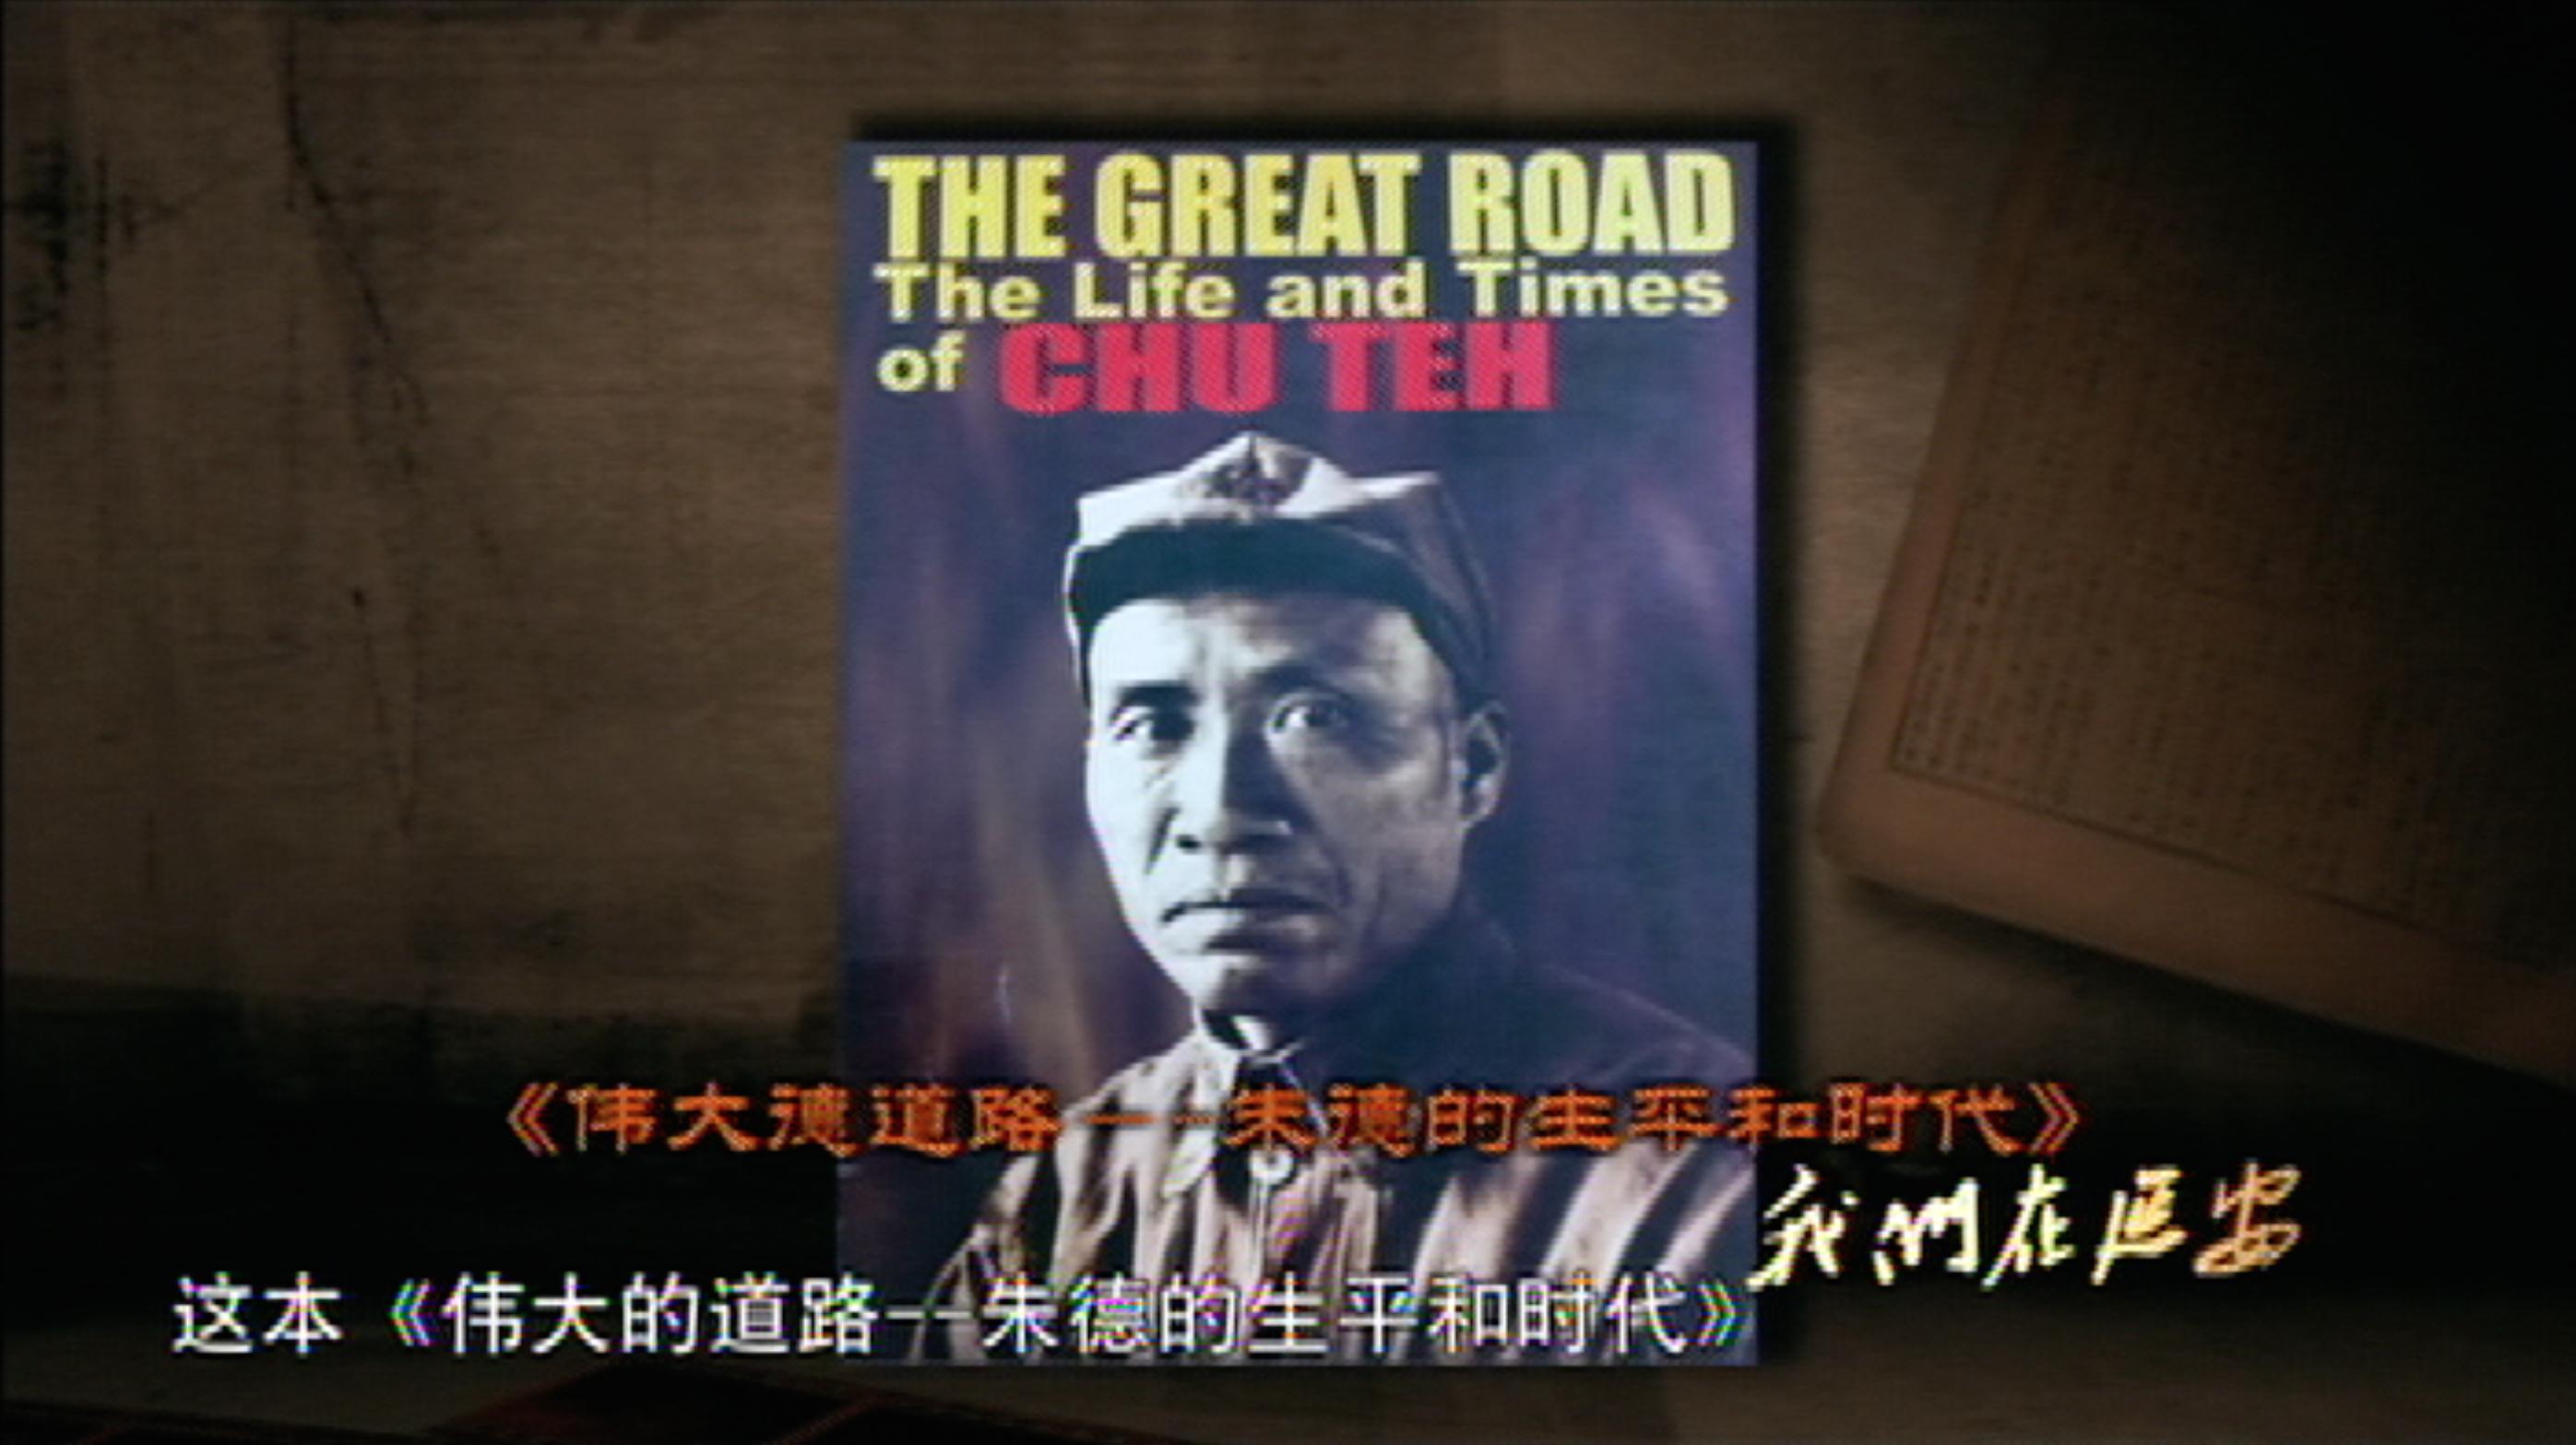 朱德传记《伟大的道路——朱德的生平和时代》.png